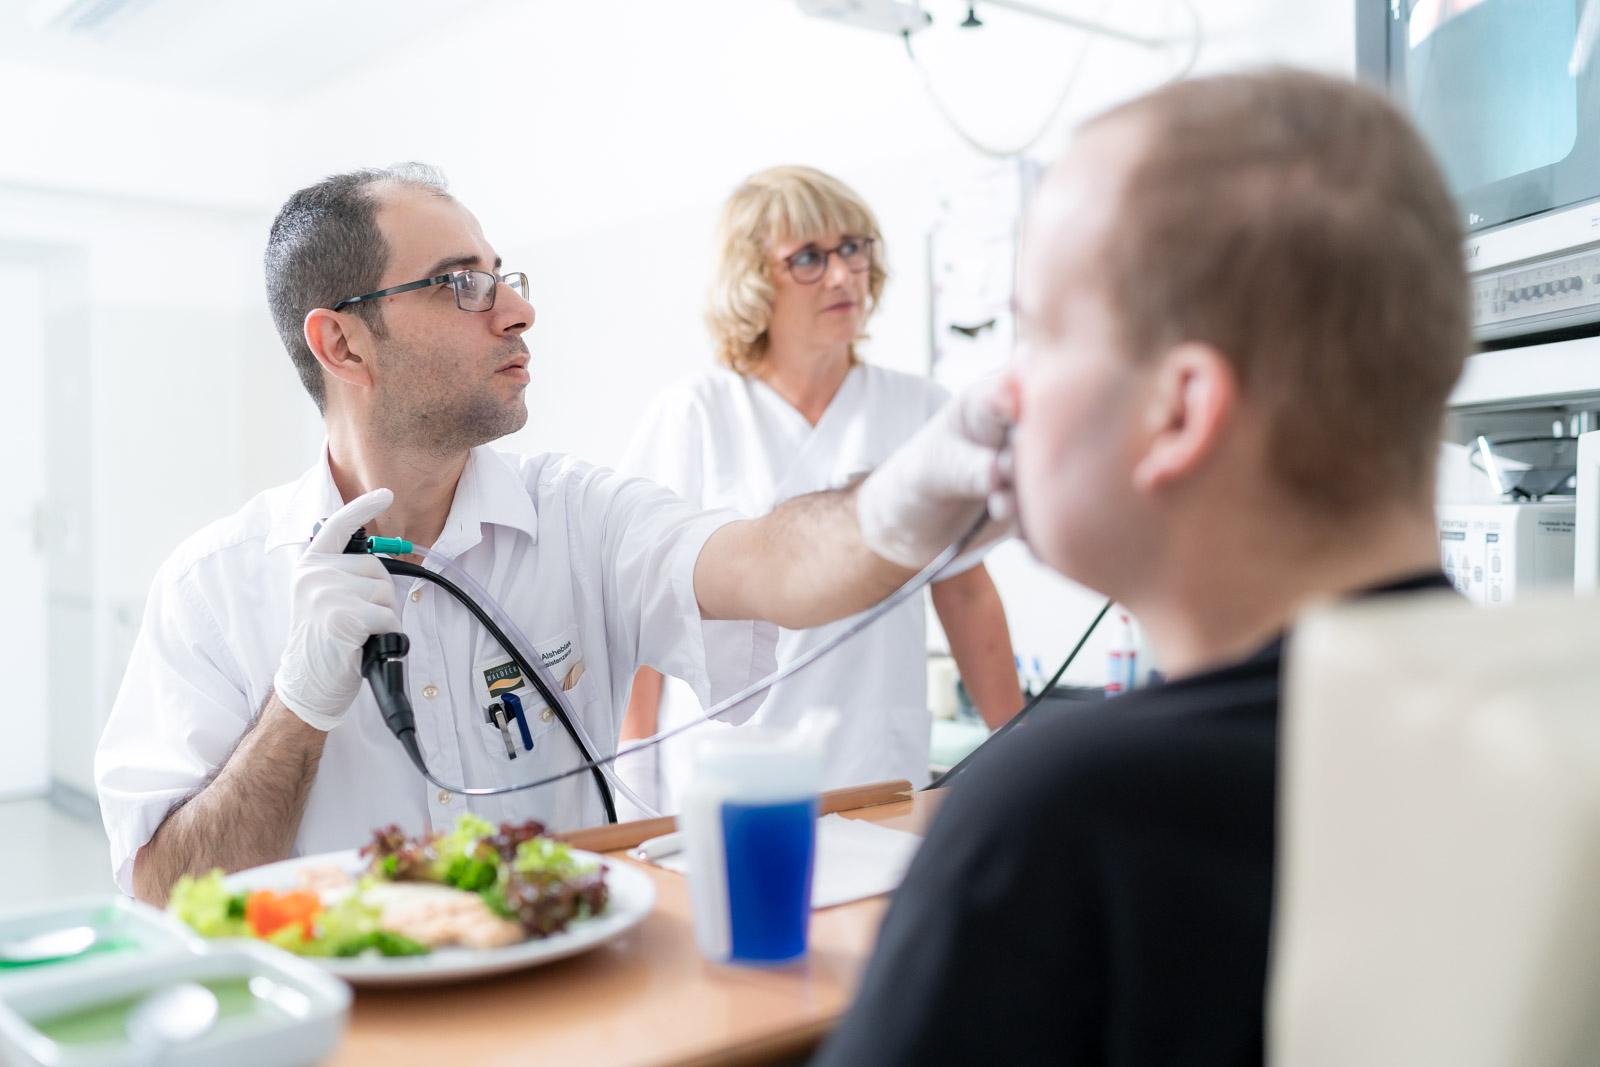 Videoendoskopische Schluckdiagnostik